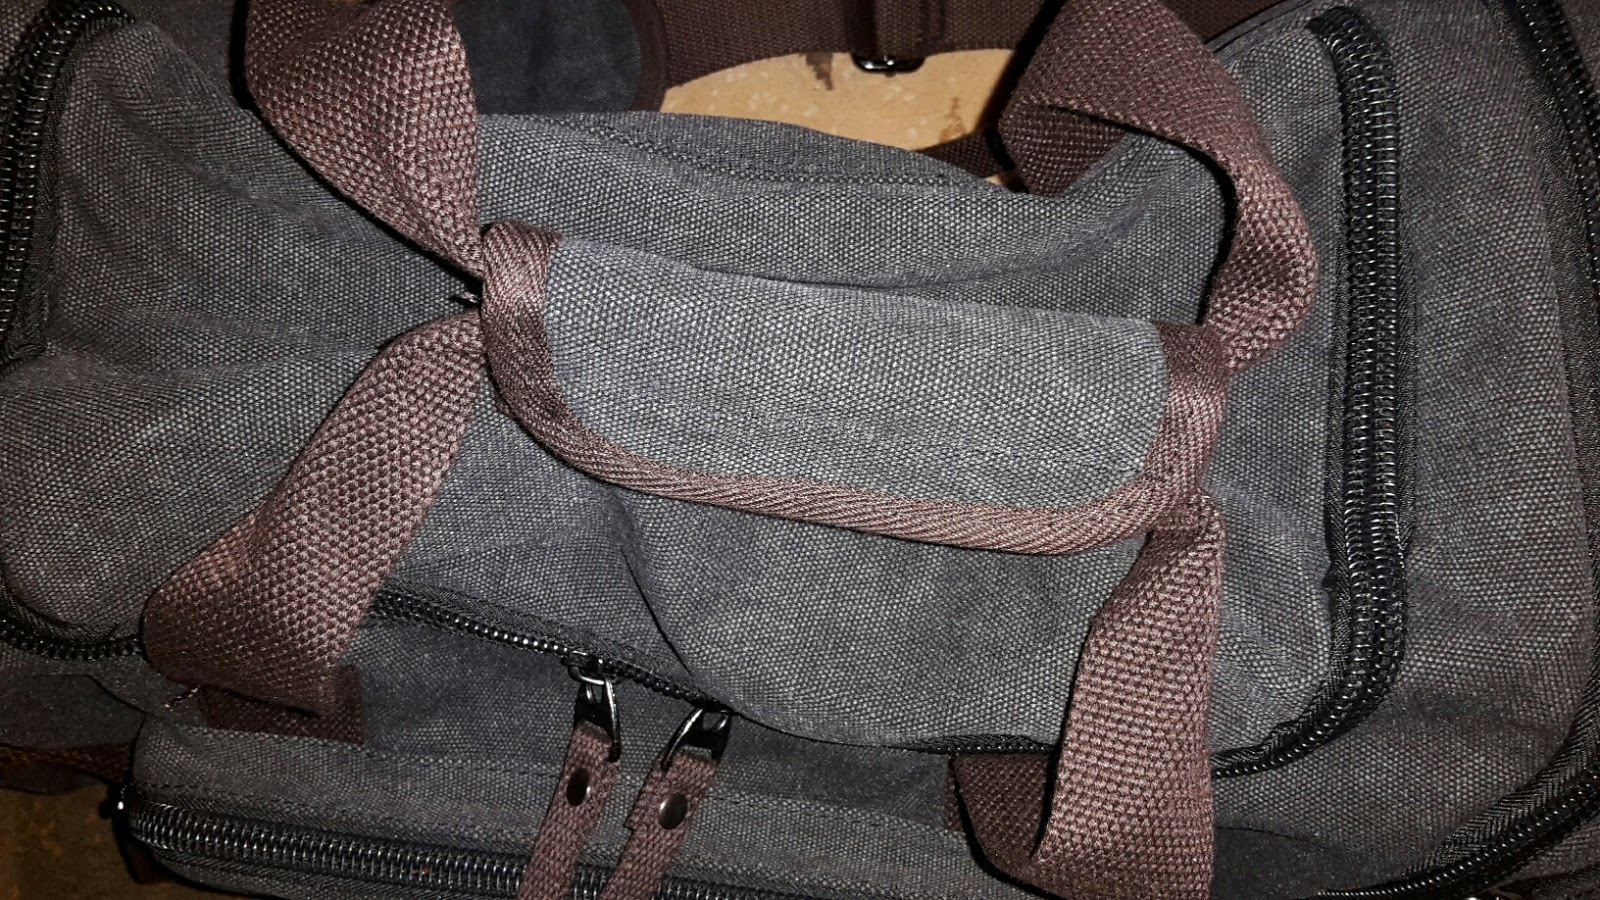 Laser Entfernungsmesser Im Handgepäck : Monas blog: fafada 40l canvas sporttasche reisetasche großräumige